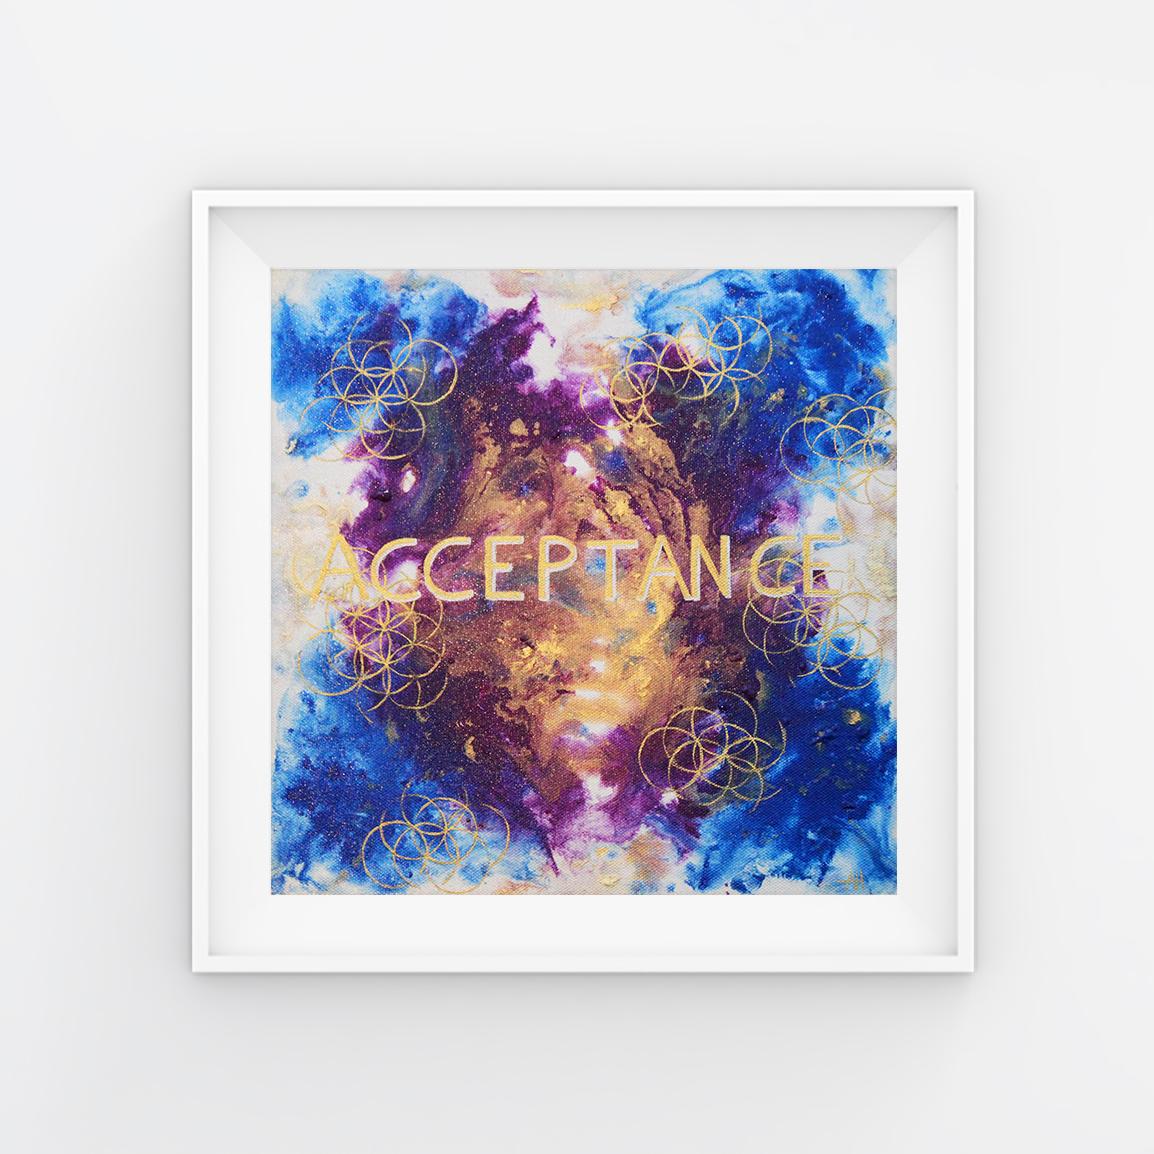 """Acceptance - acrylic on canvas 12x12"""""""